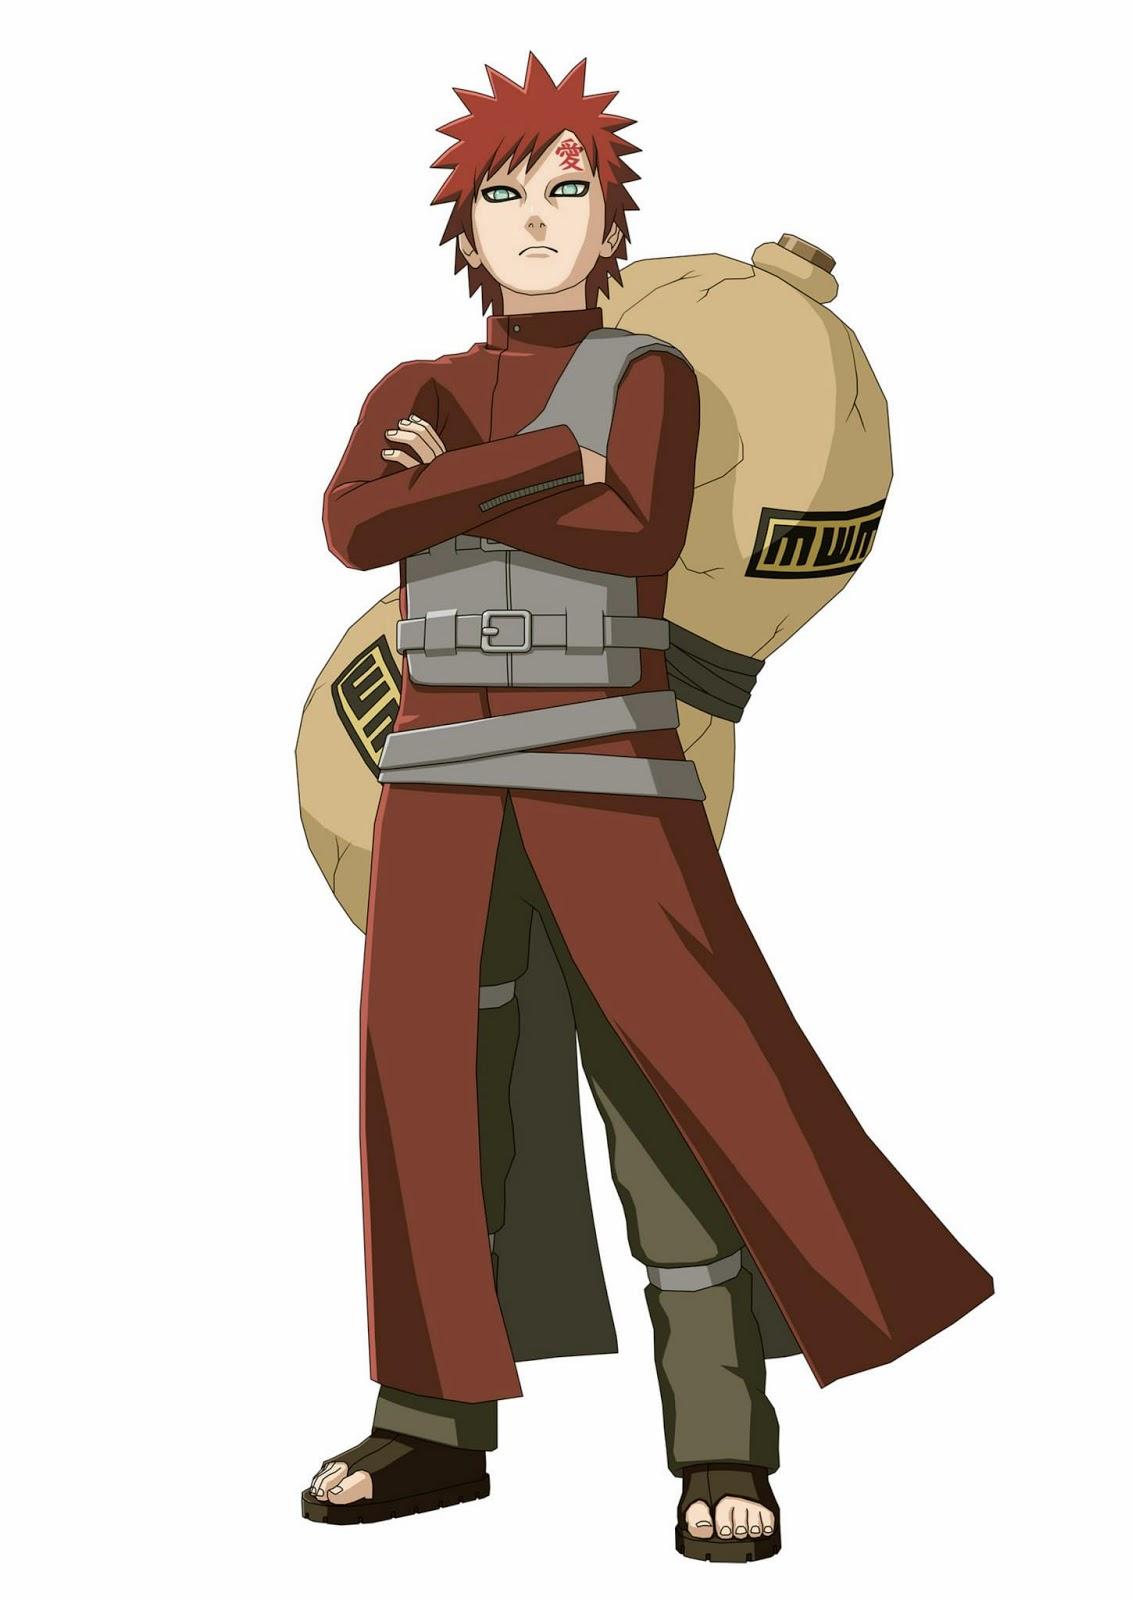 Naruto Shippuden : Sunagakure - Chun Up IDEA